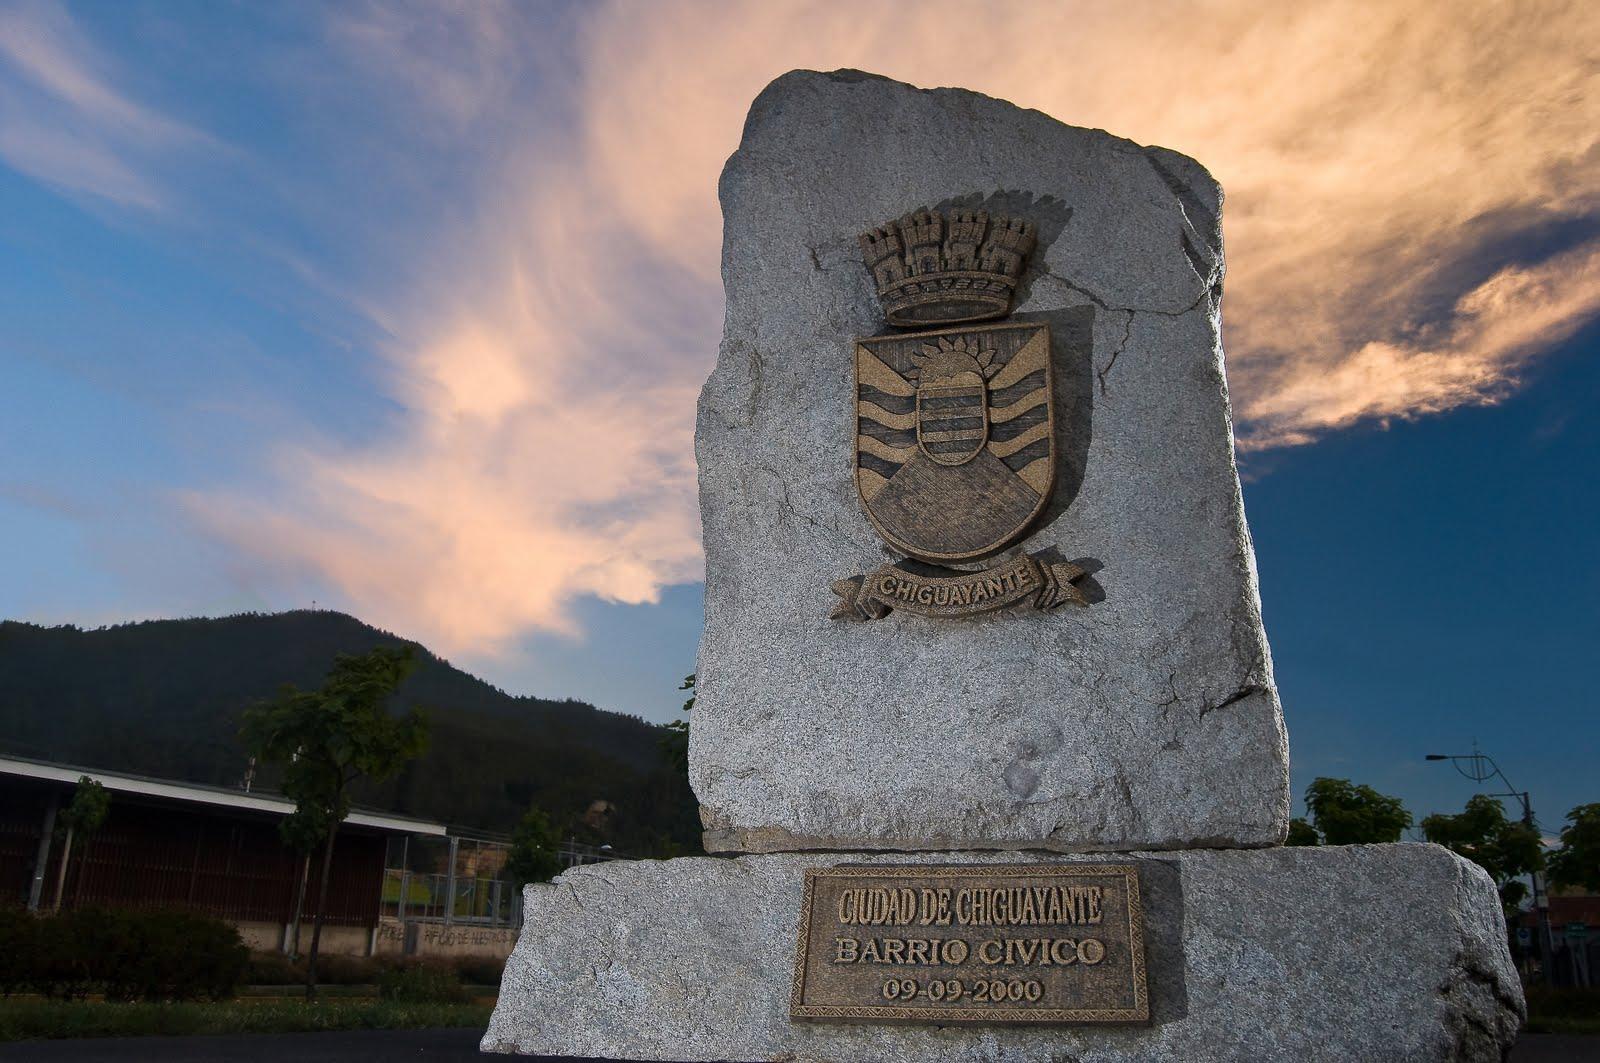 Municipalidad de Chiguayante